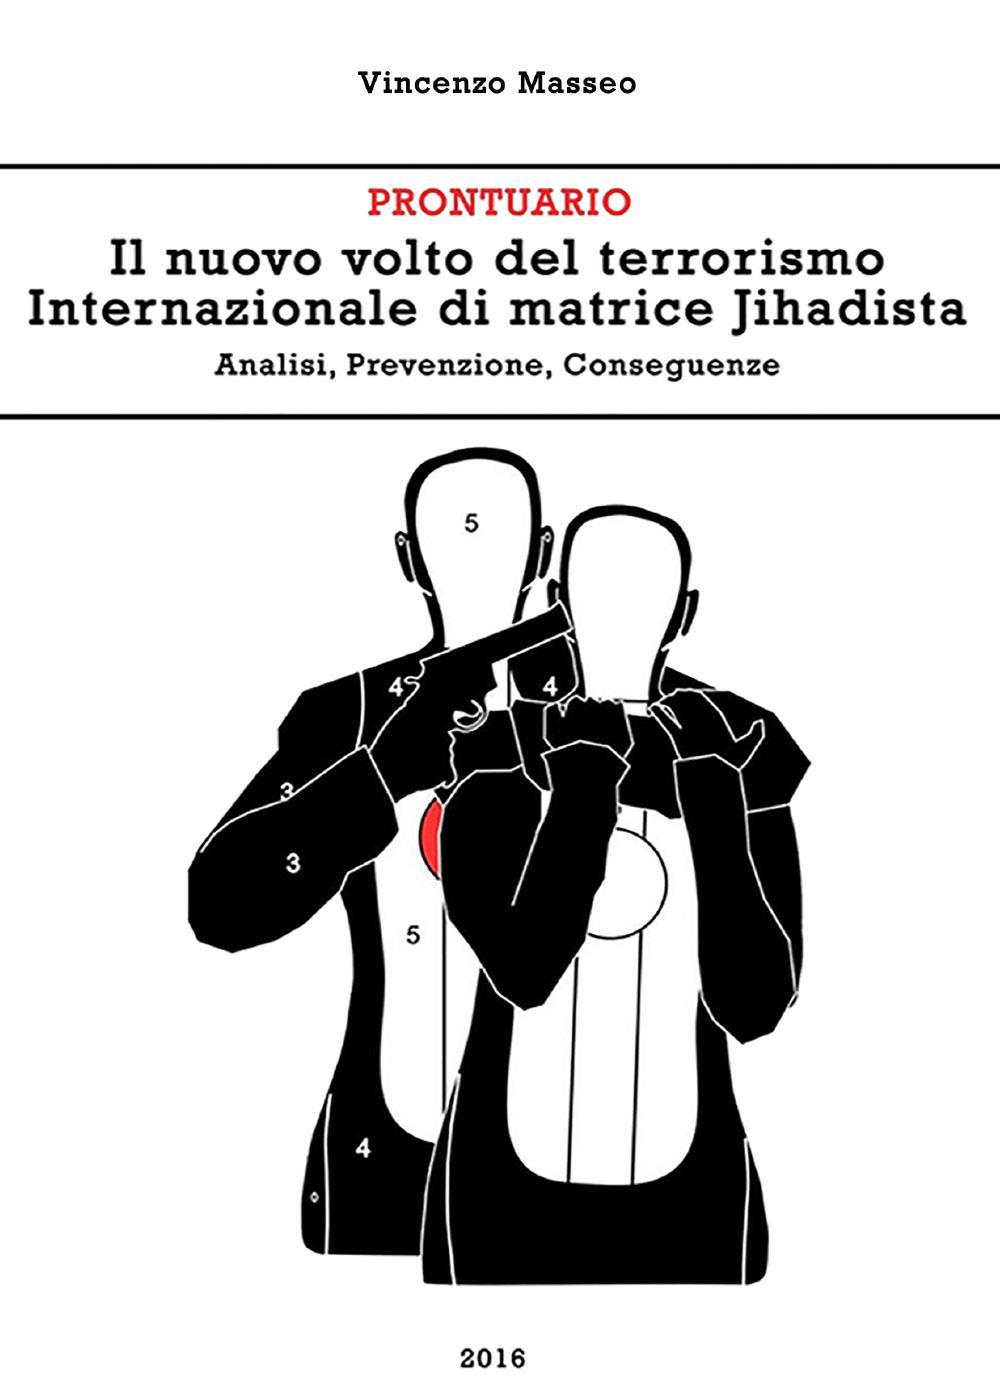 Il nuovo volto del terrorismo Internazionale di matrice Jihadista